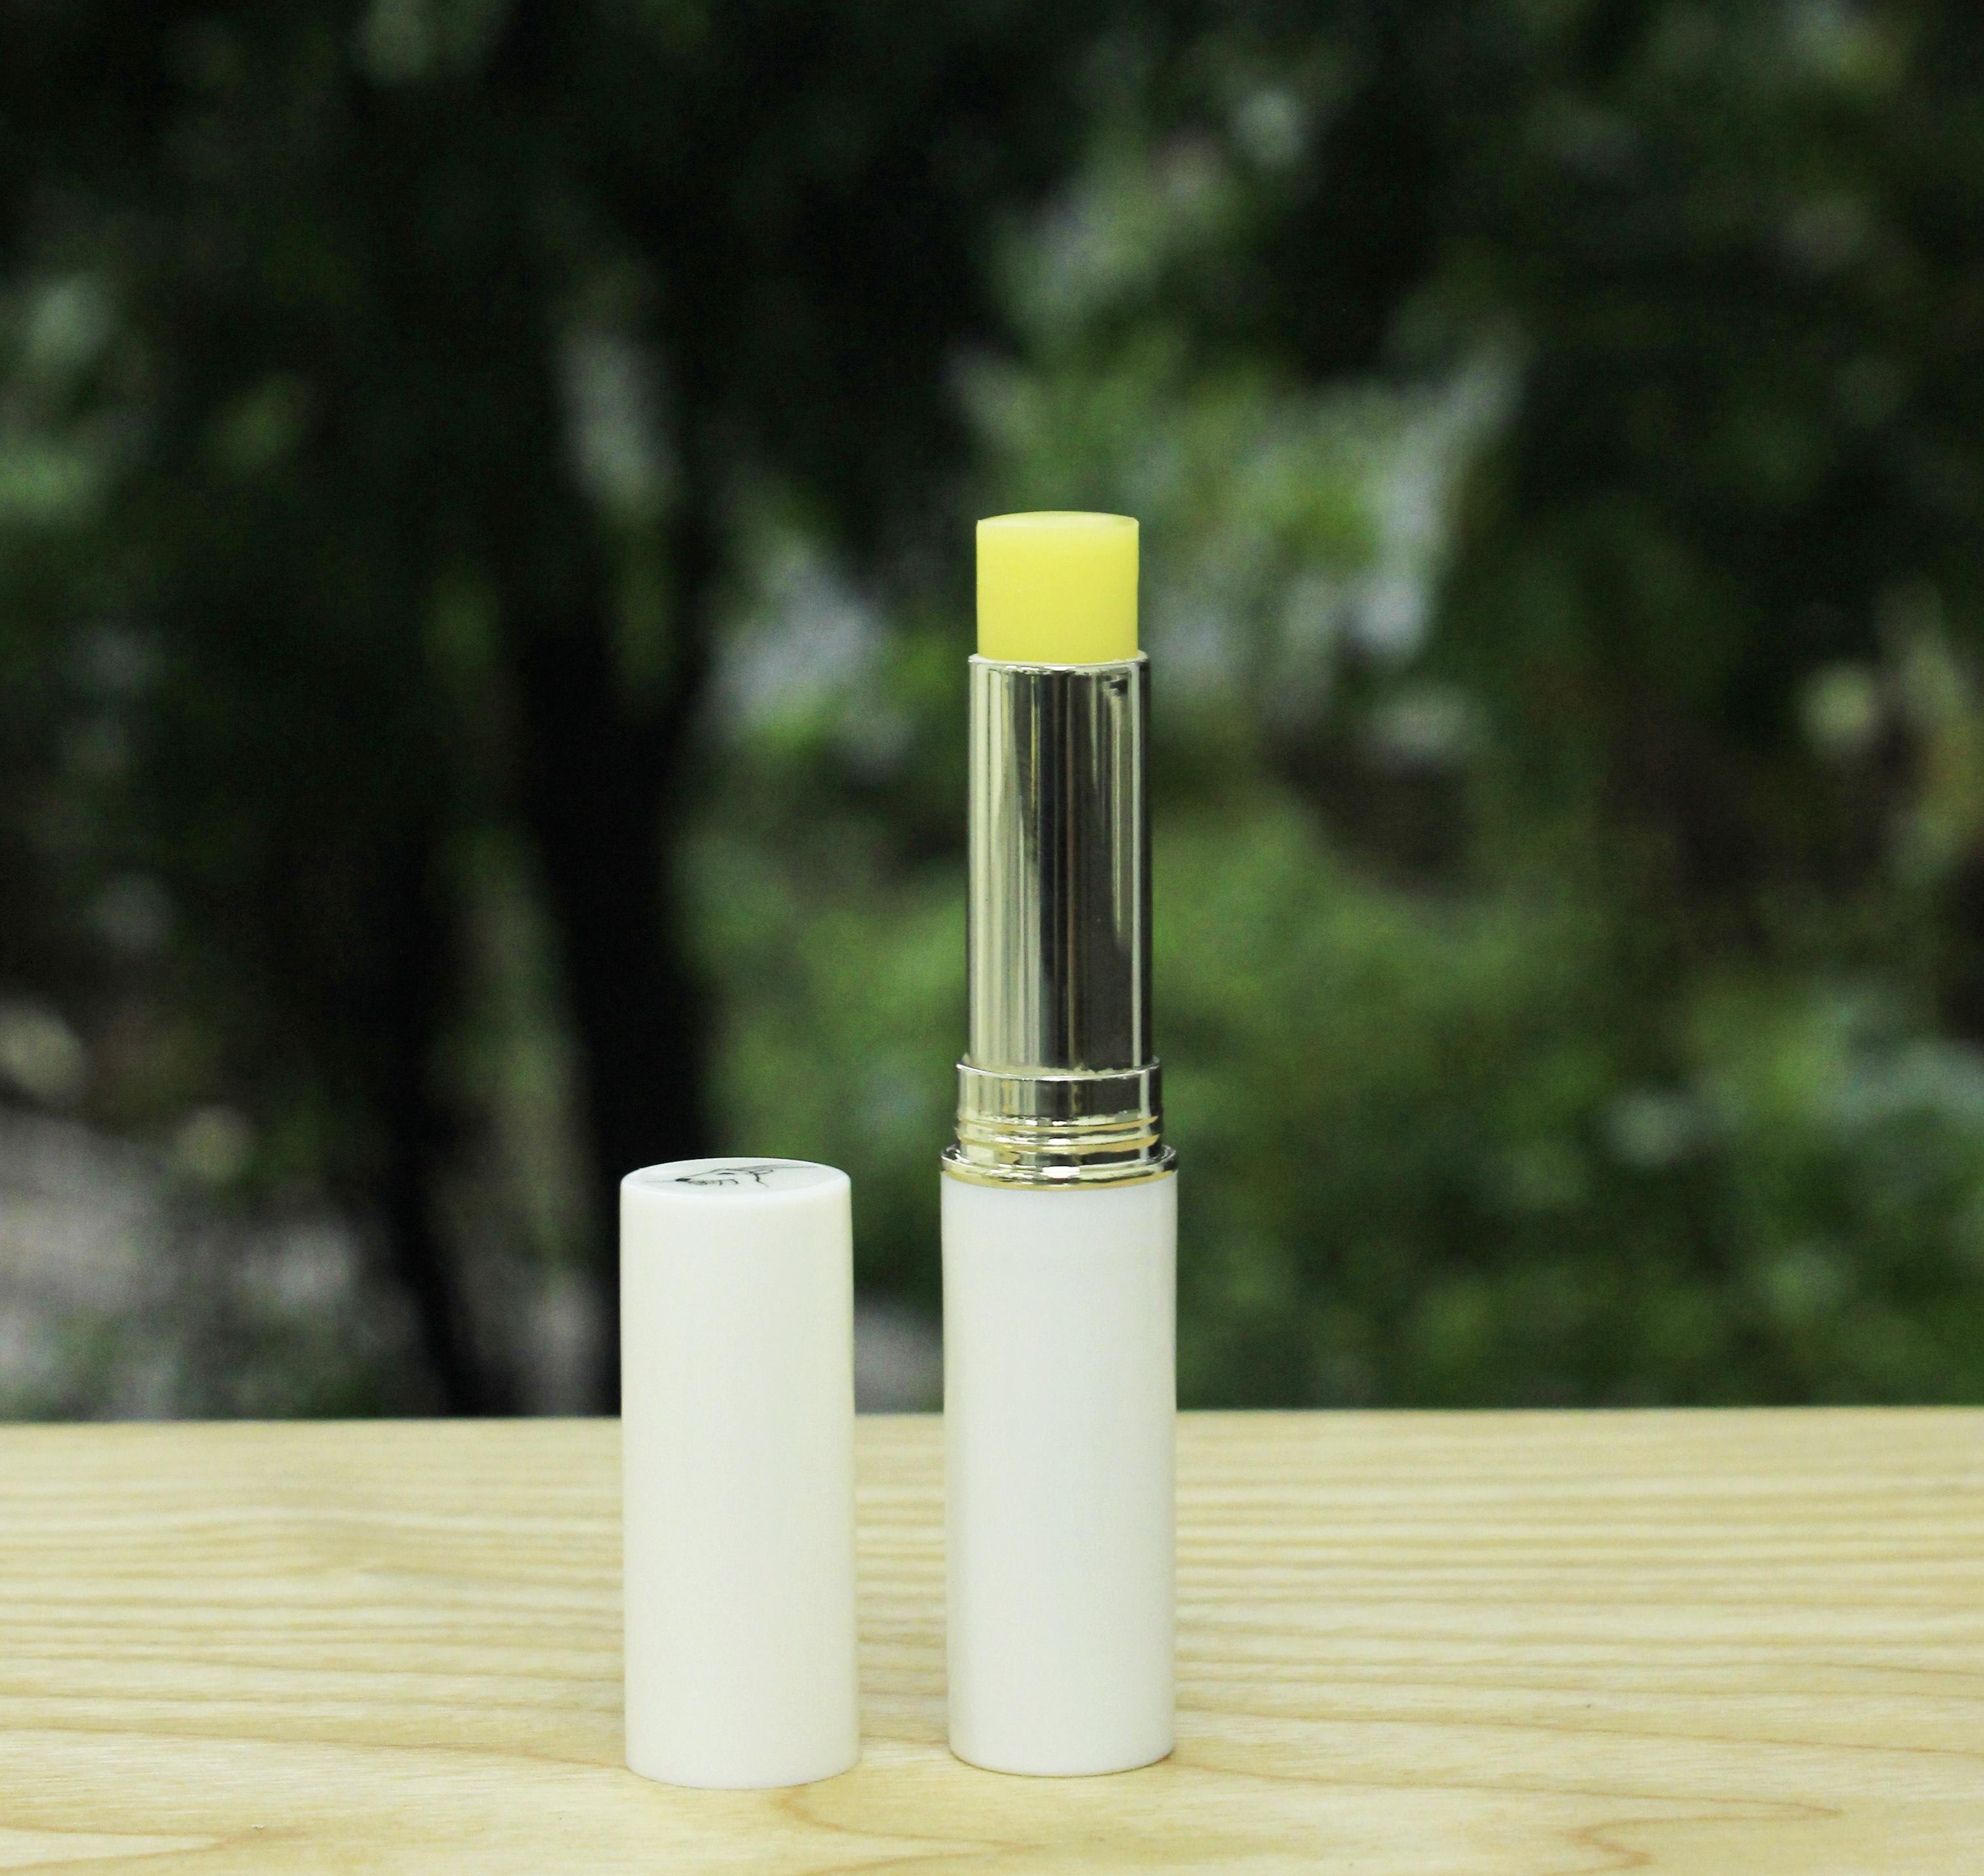 Son dưỡng môi tự nhiên hương Bưởi thương hiệu Sao la(3g) - Dưỡng ẩm môi, làm môi mềm, tươi hồng